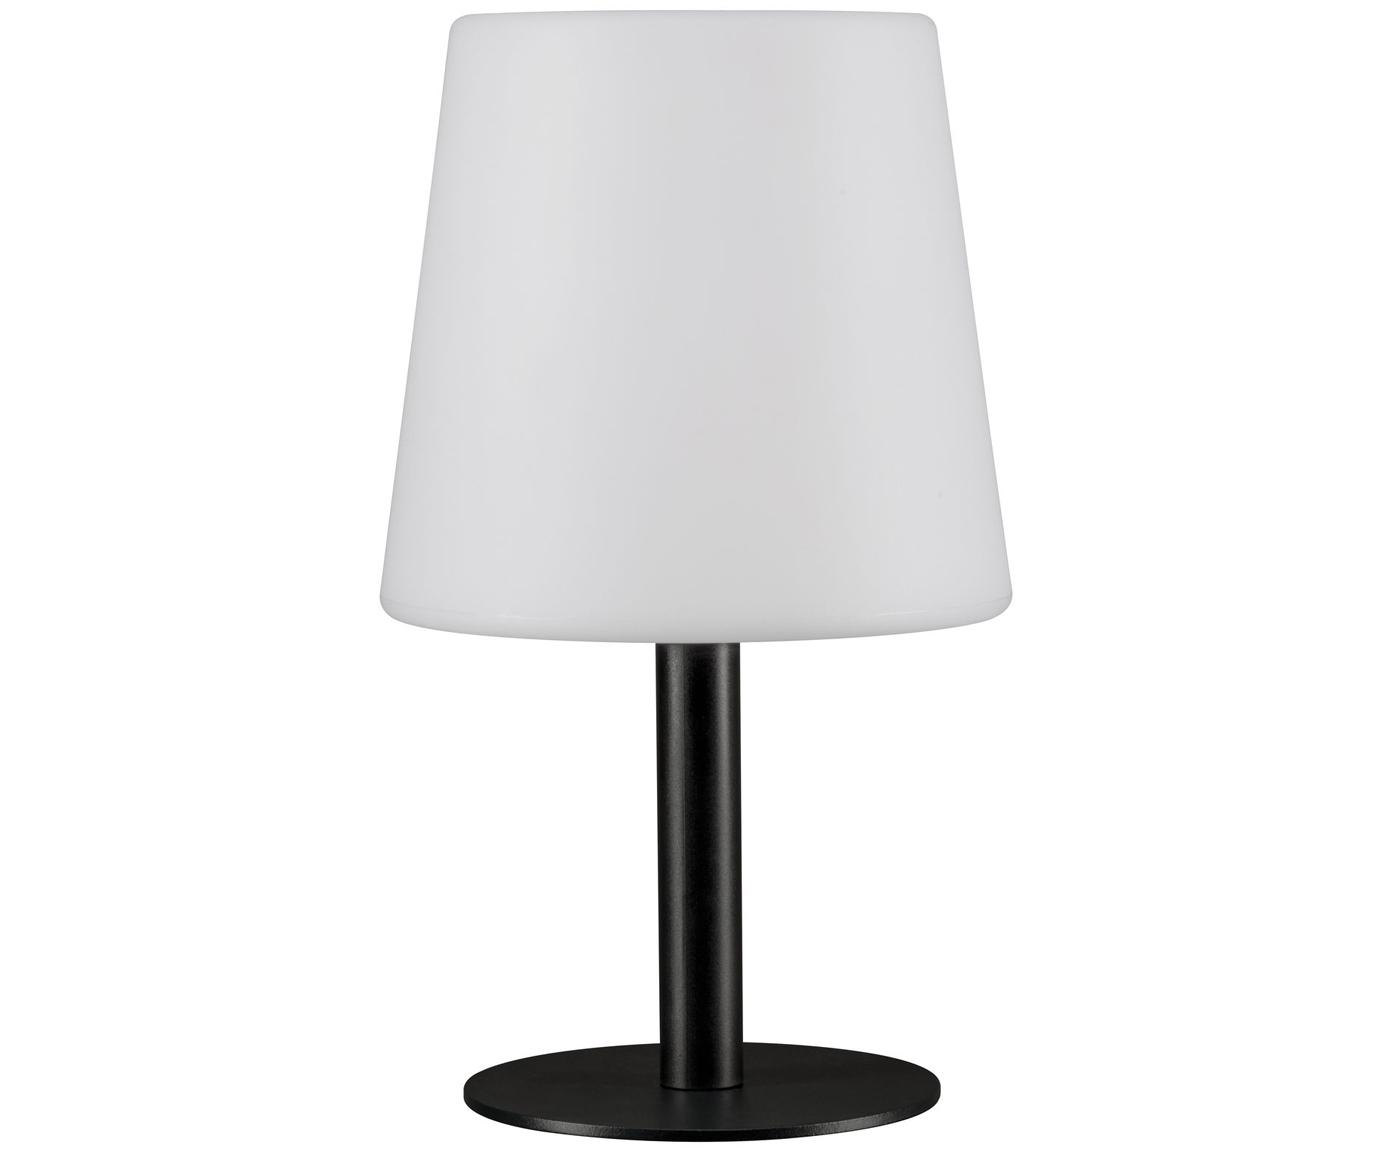 Mobiele outdoor LED tafellamp Placido, Lampvoet: gecoat metaal, Lampenkap: kunststof, Wit, zwart, Ø 16 x H 26 cm